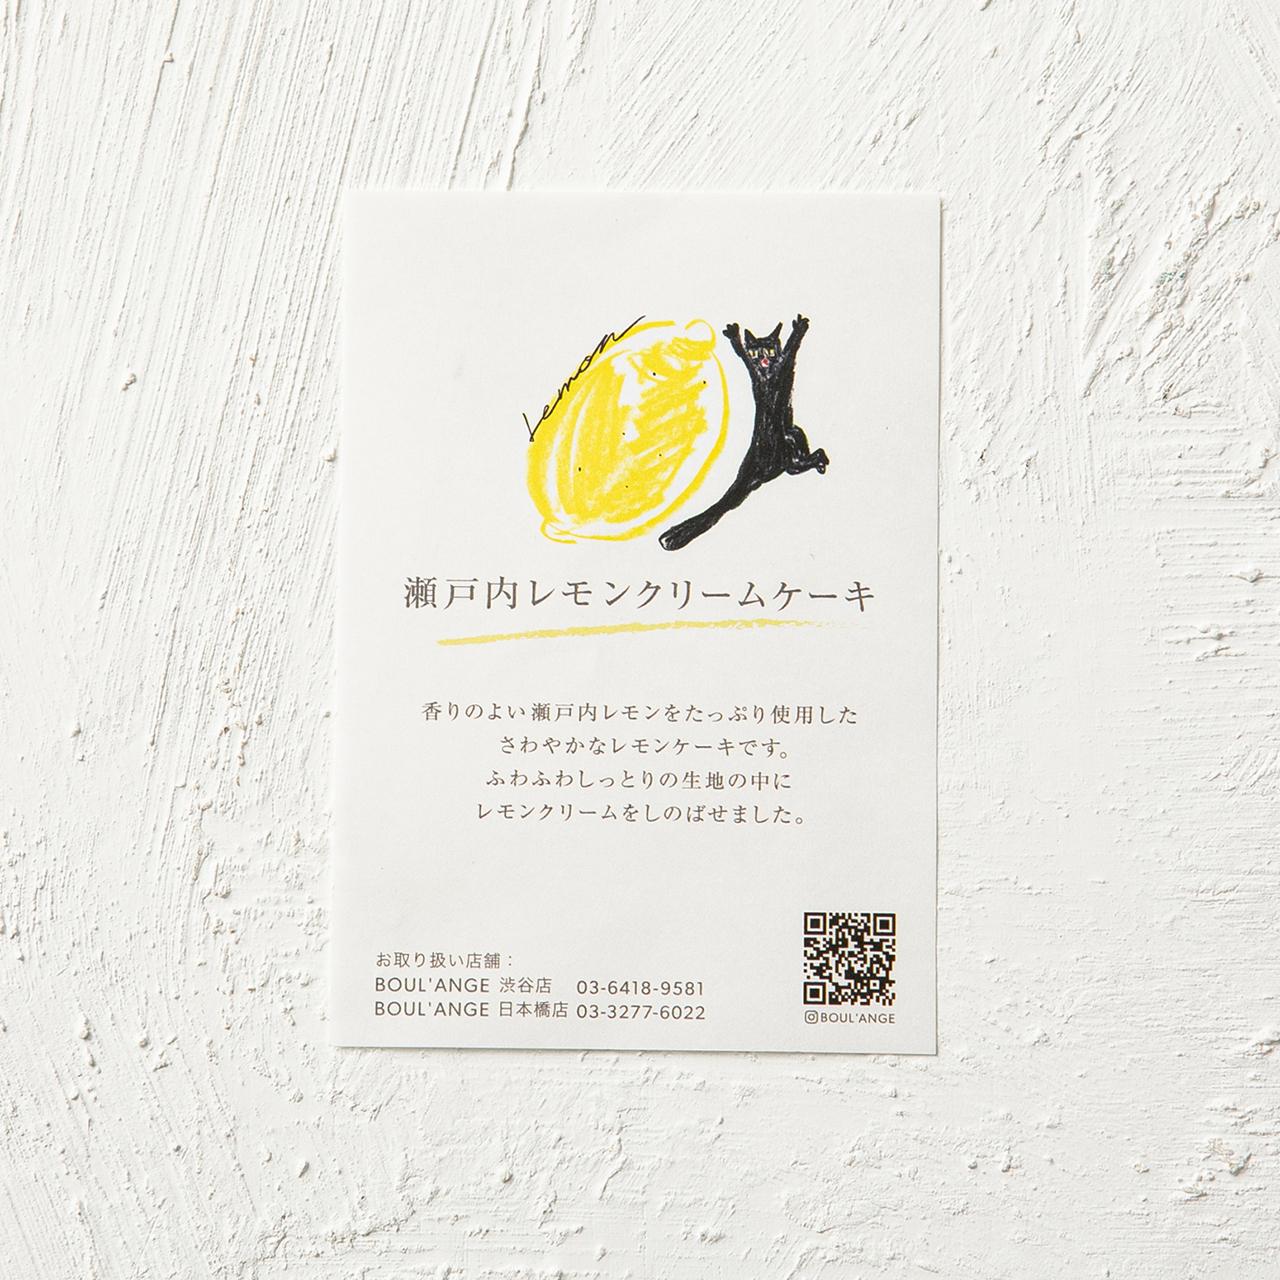 お取り寄せ(楽天) パケ買いしたくなるレモンケーキ★ 瀬戸内レモンクリームケーキ 6個入 佐伯ゆう子 価格3,300円 (税込)